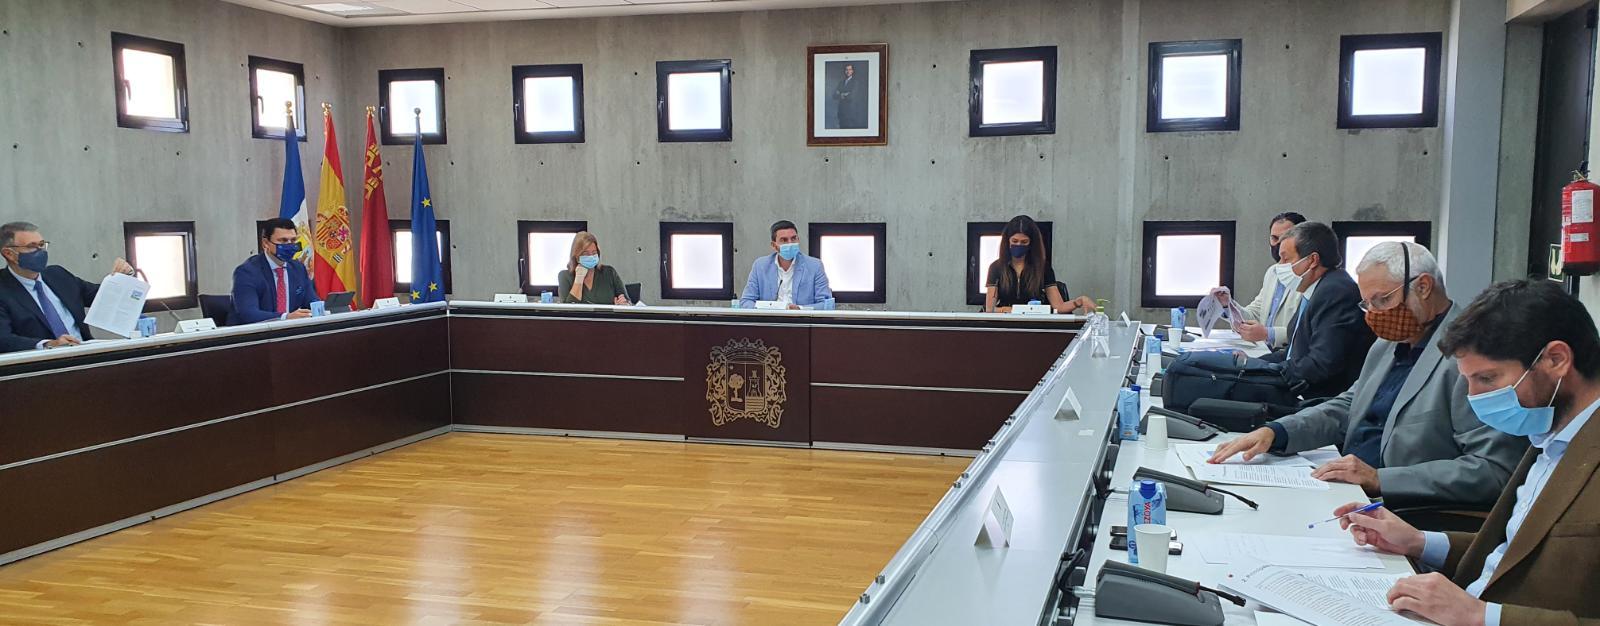 Un momento de la  reunión del Foro Interadministrativo del Mar Menor en San Pedro del Pinatar. Imagen: CARM